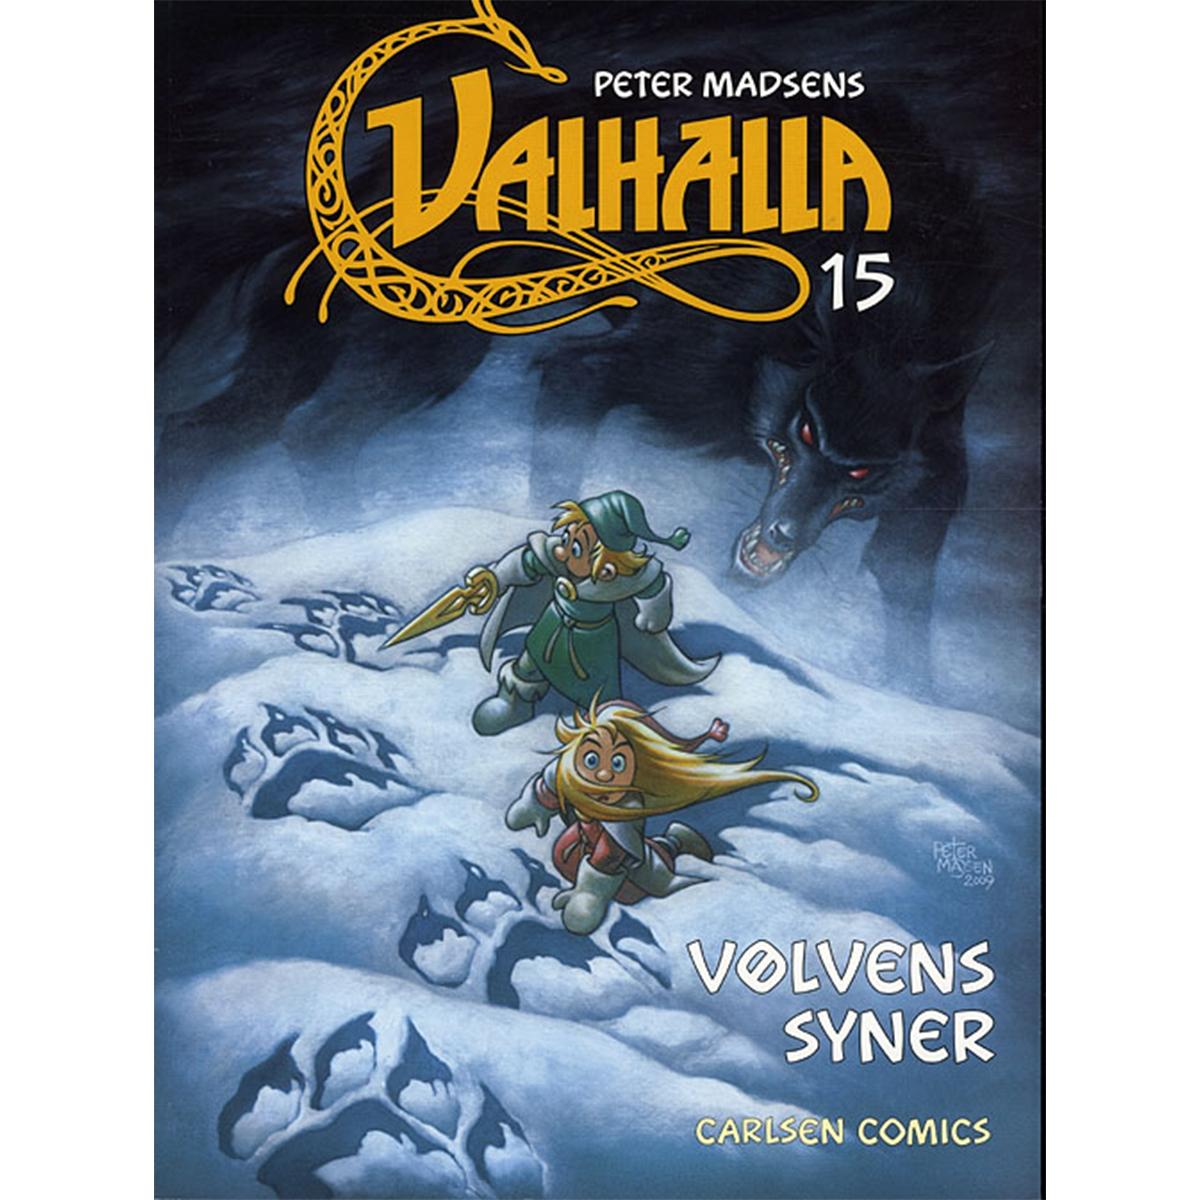 Image of   Vølvens syner - Valhalla 15 - Hæftet